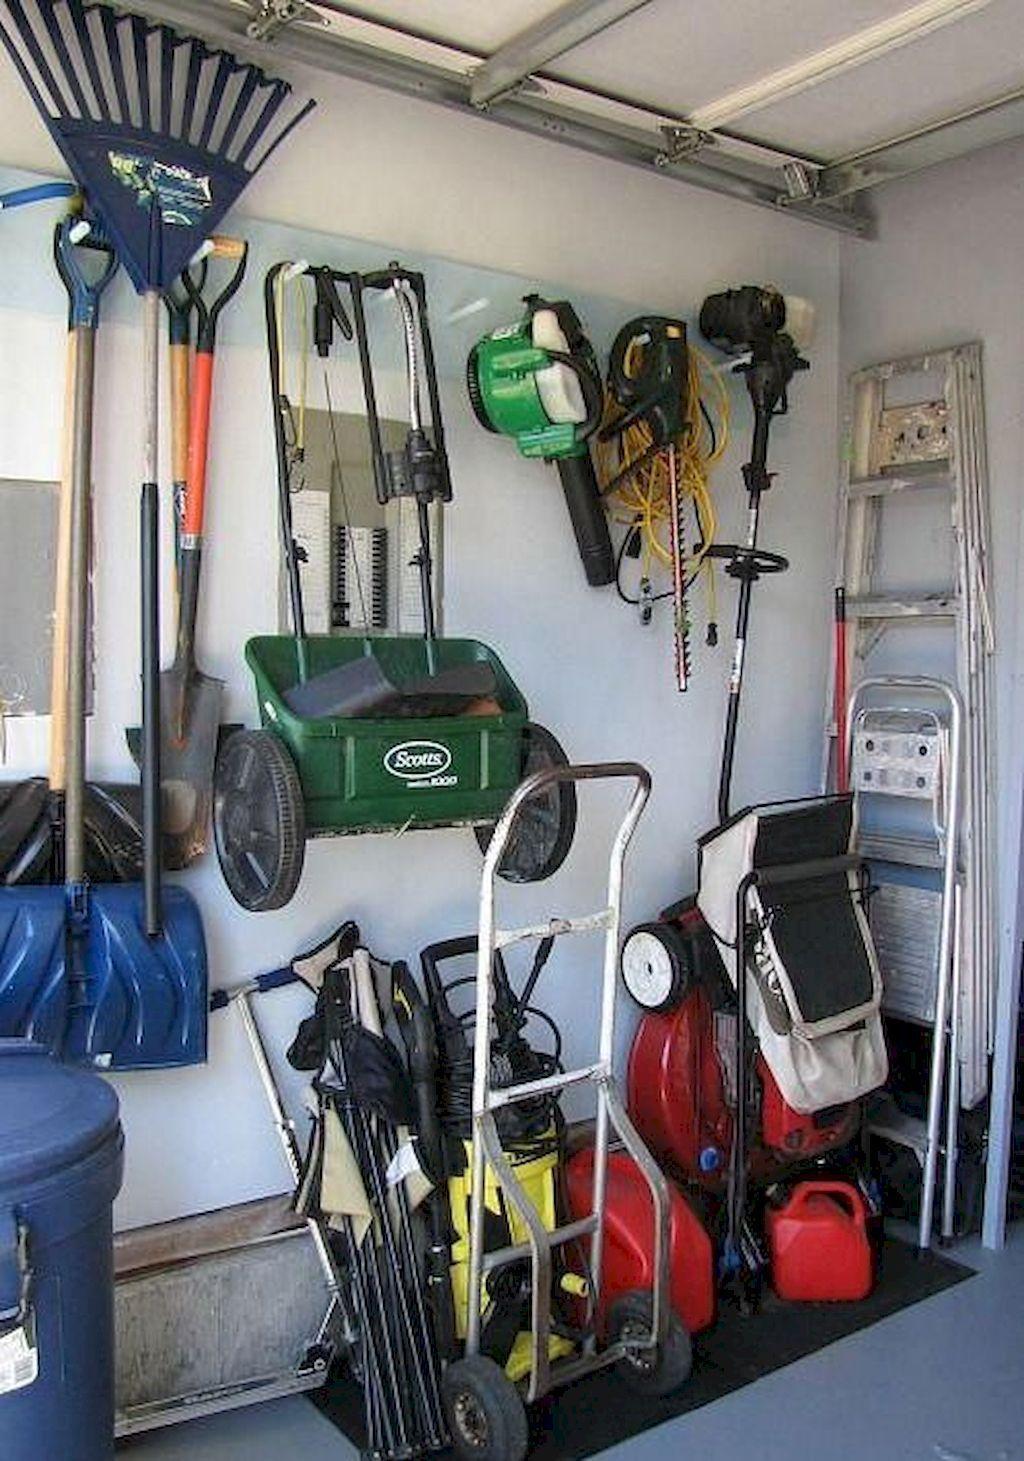 10 clever garage organization ideas garage organization on clever garage organization ideas id=86628